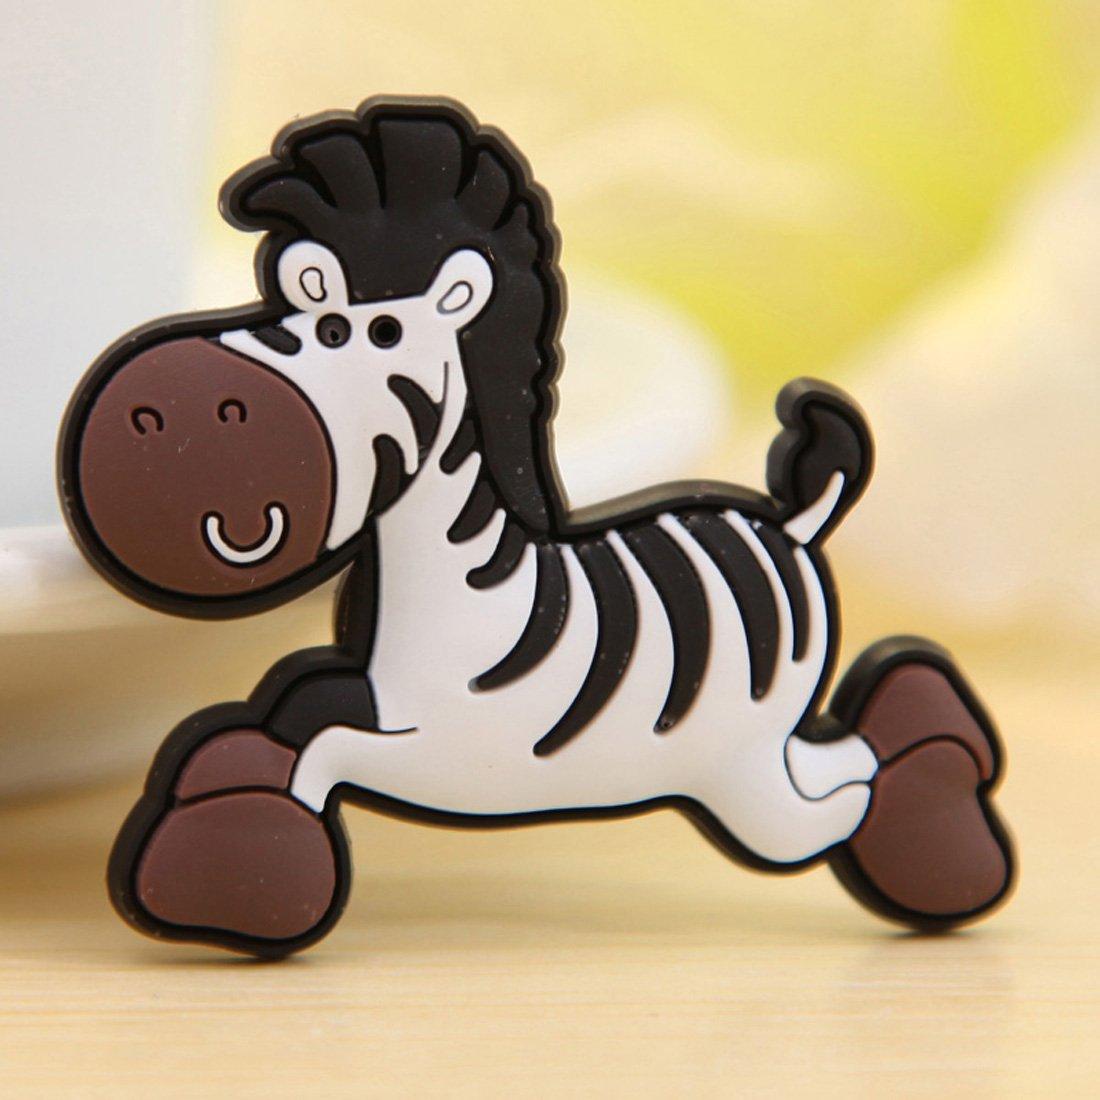 沐和创意可爱动物冰箱贴磁贴